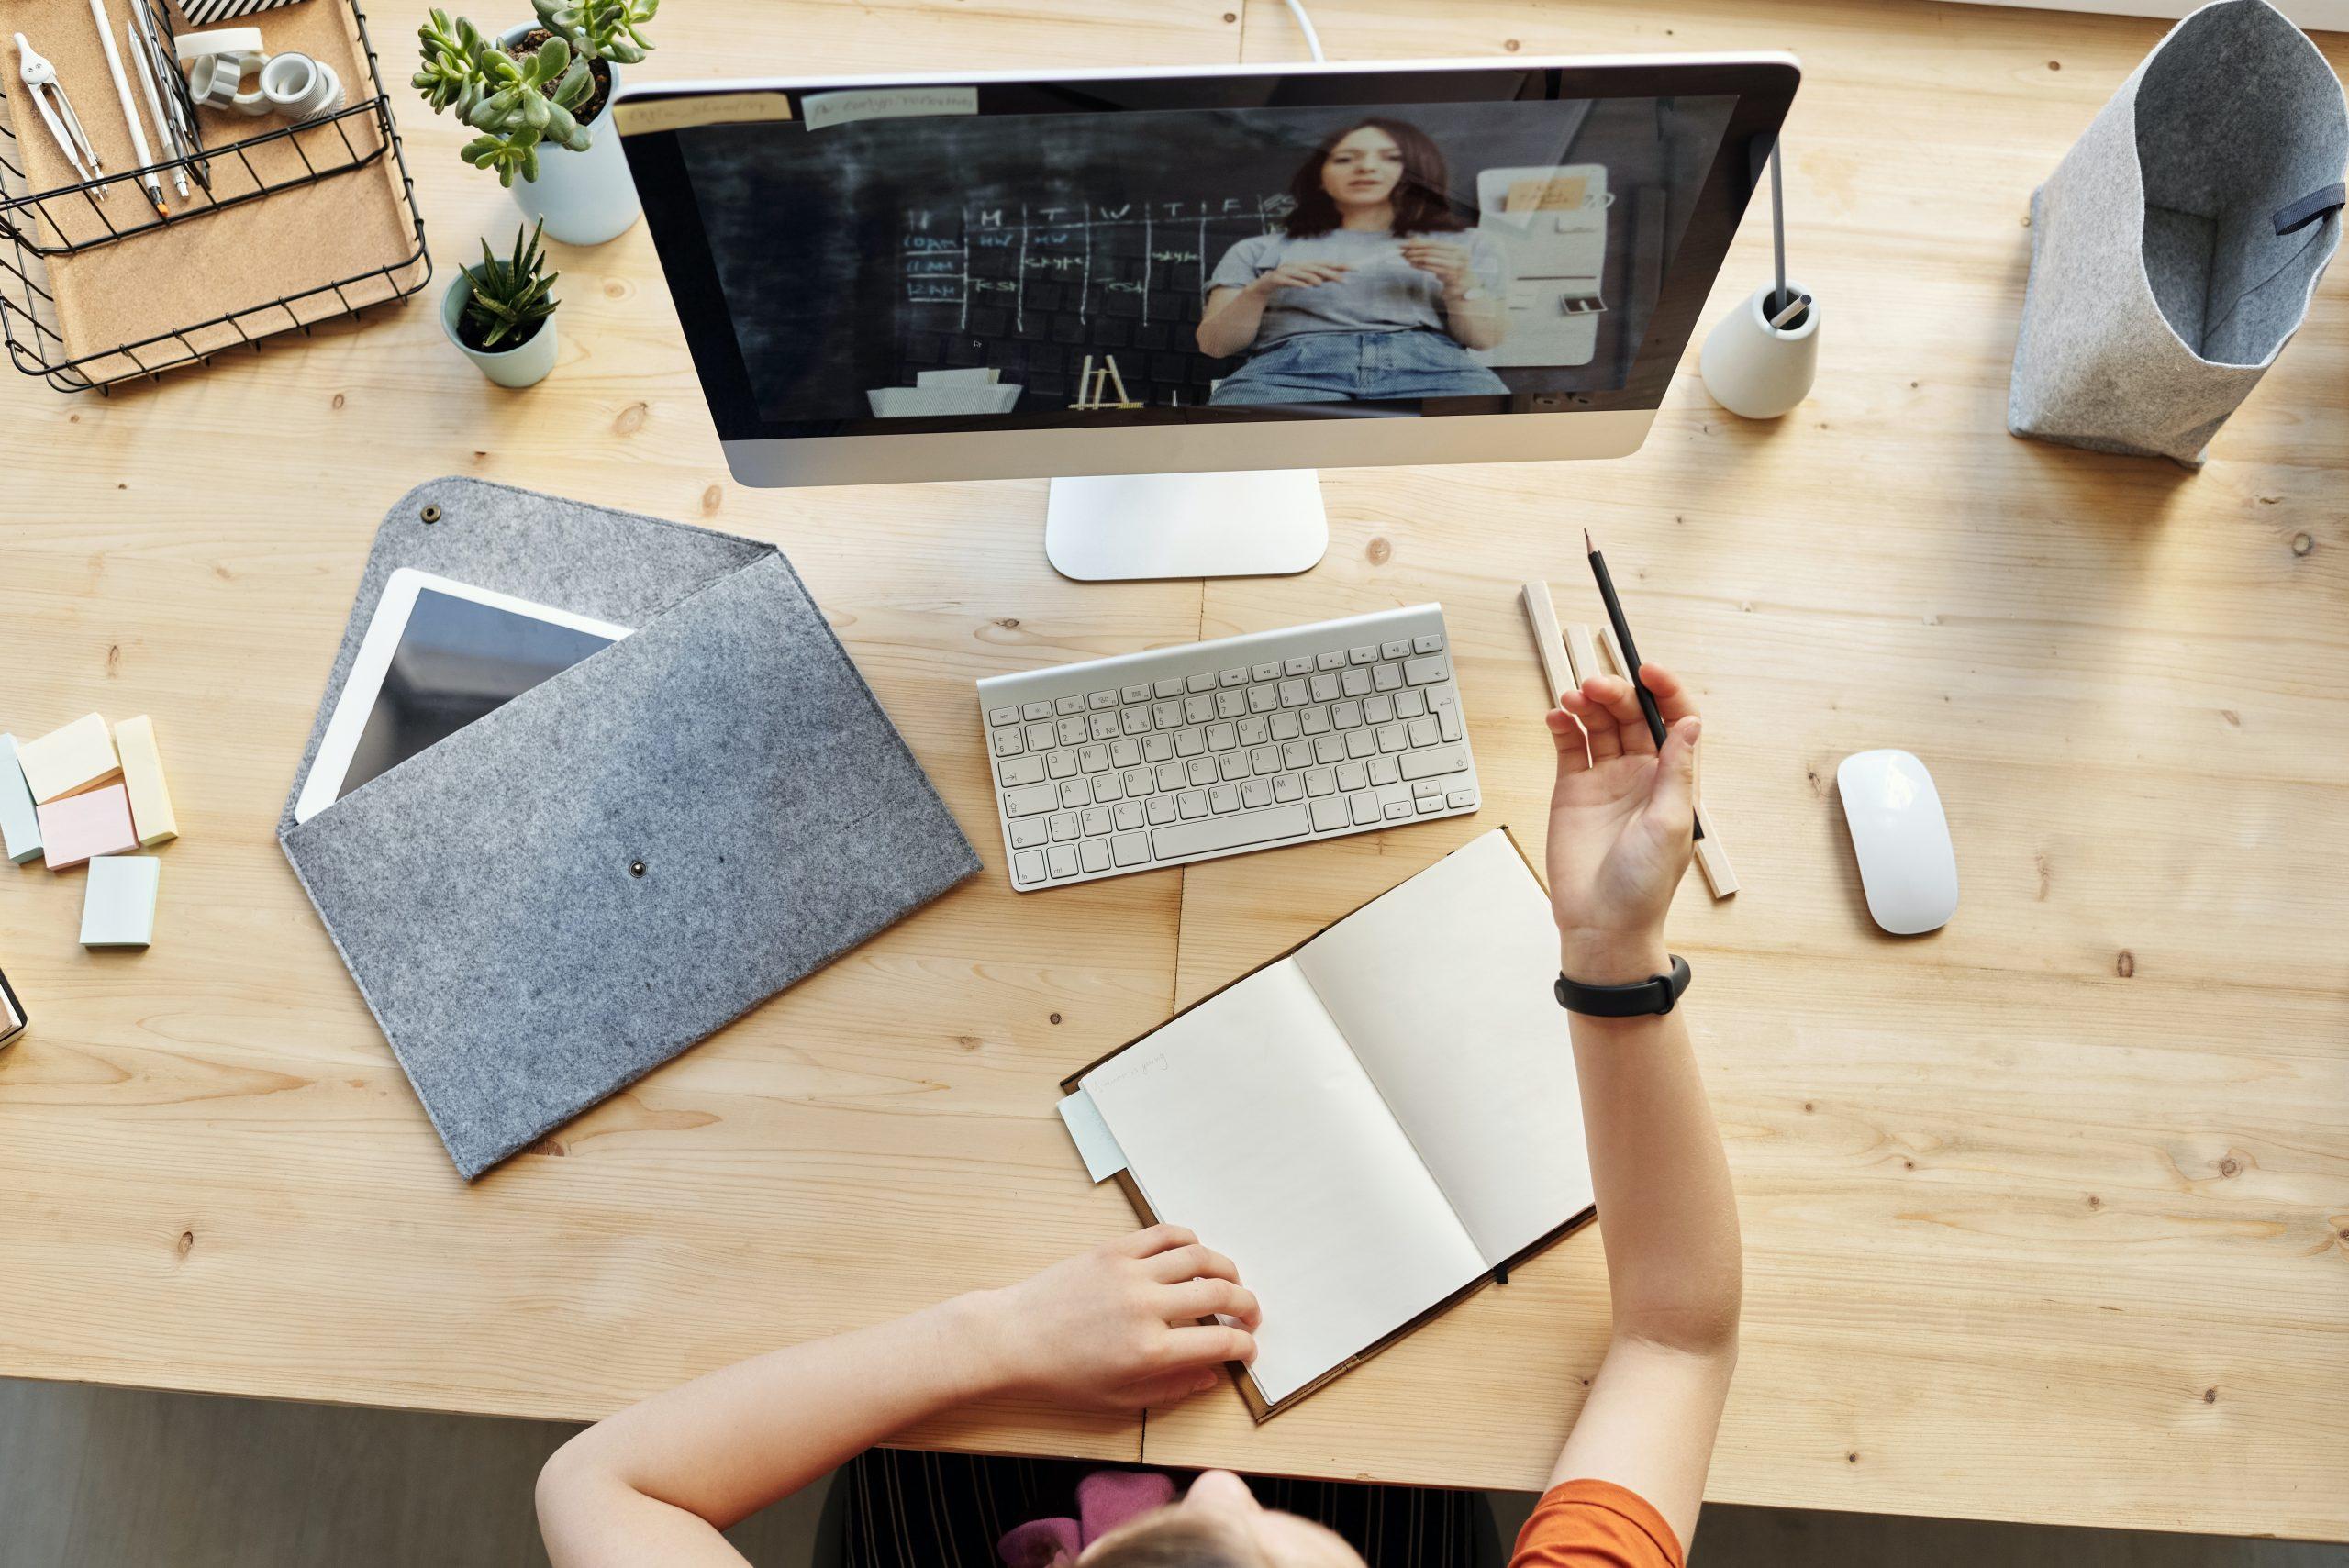 Pessoa na mesa de estudos assistindo videoaula na tela do computador